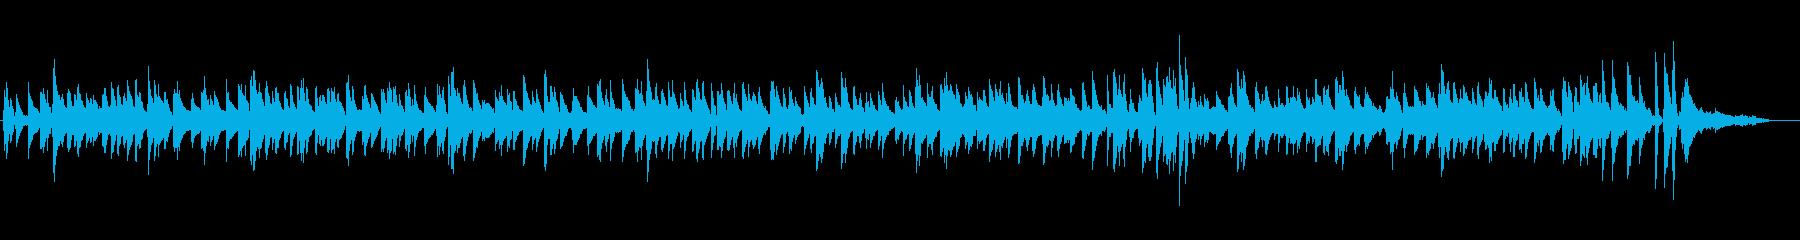 ピアノとヴィヴラフォンの落ち着いたジャズの再生済みの波形